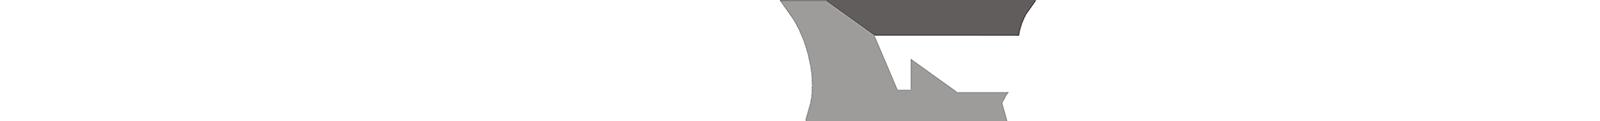 Shadowstep – Segurança Informática, Cibersegurança, Consultoria